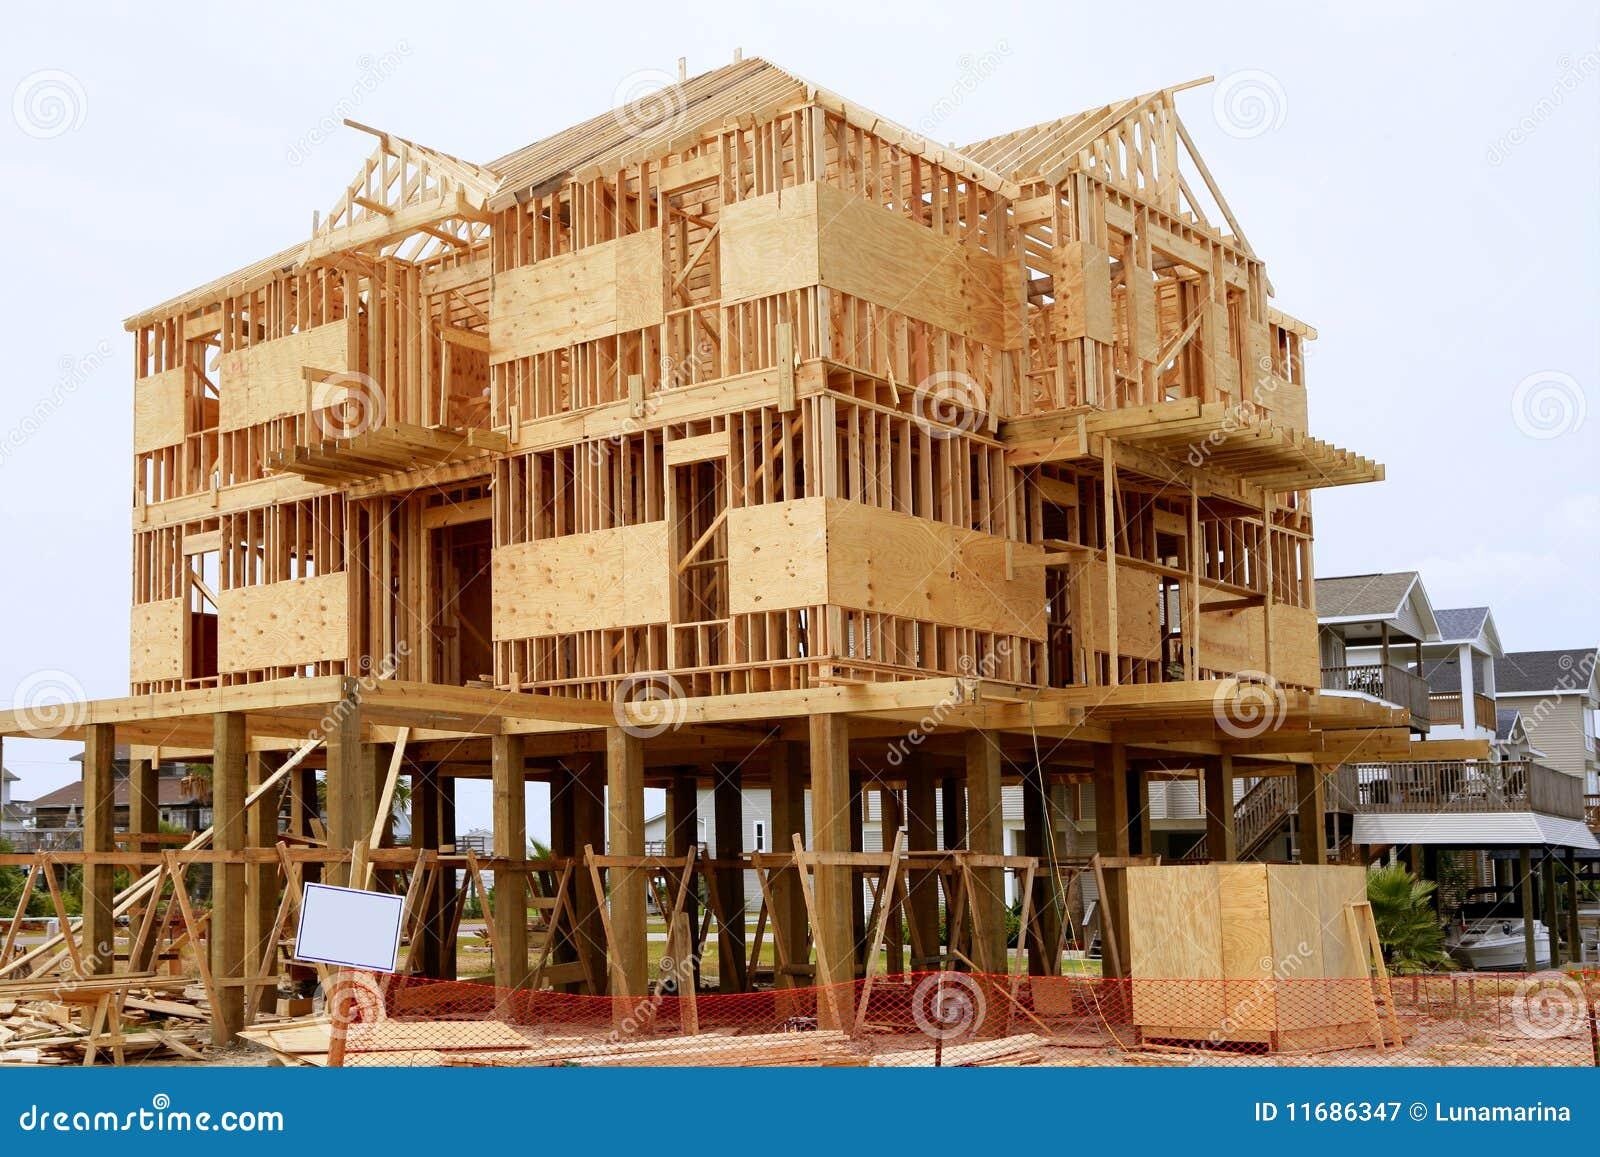 Legno americano della struttura della casa di contruction - Casa americana in legno ...